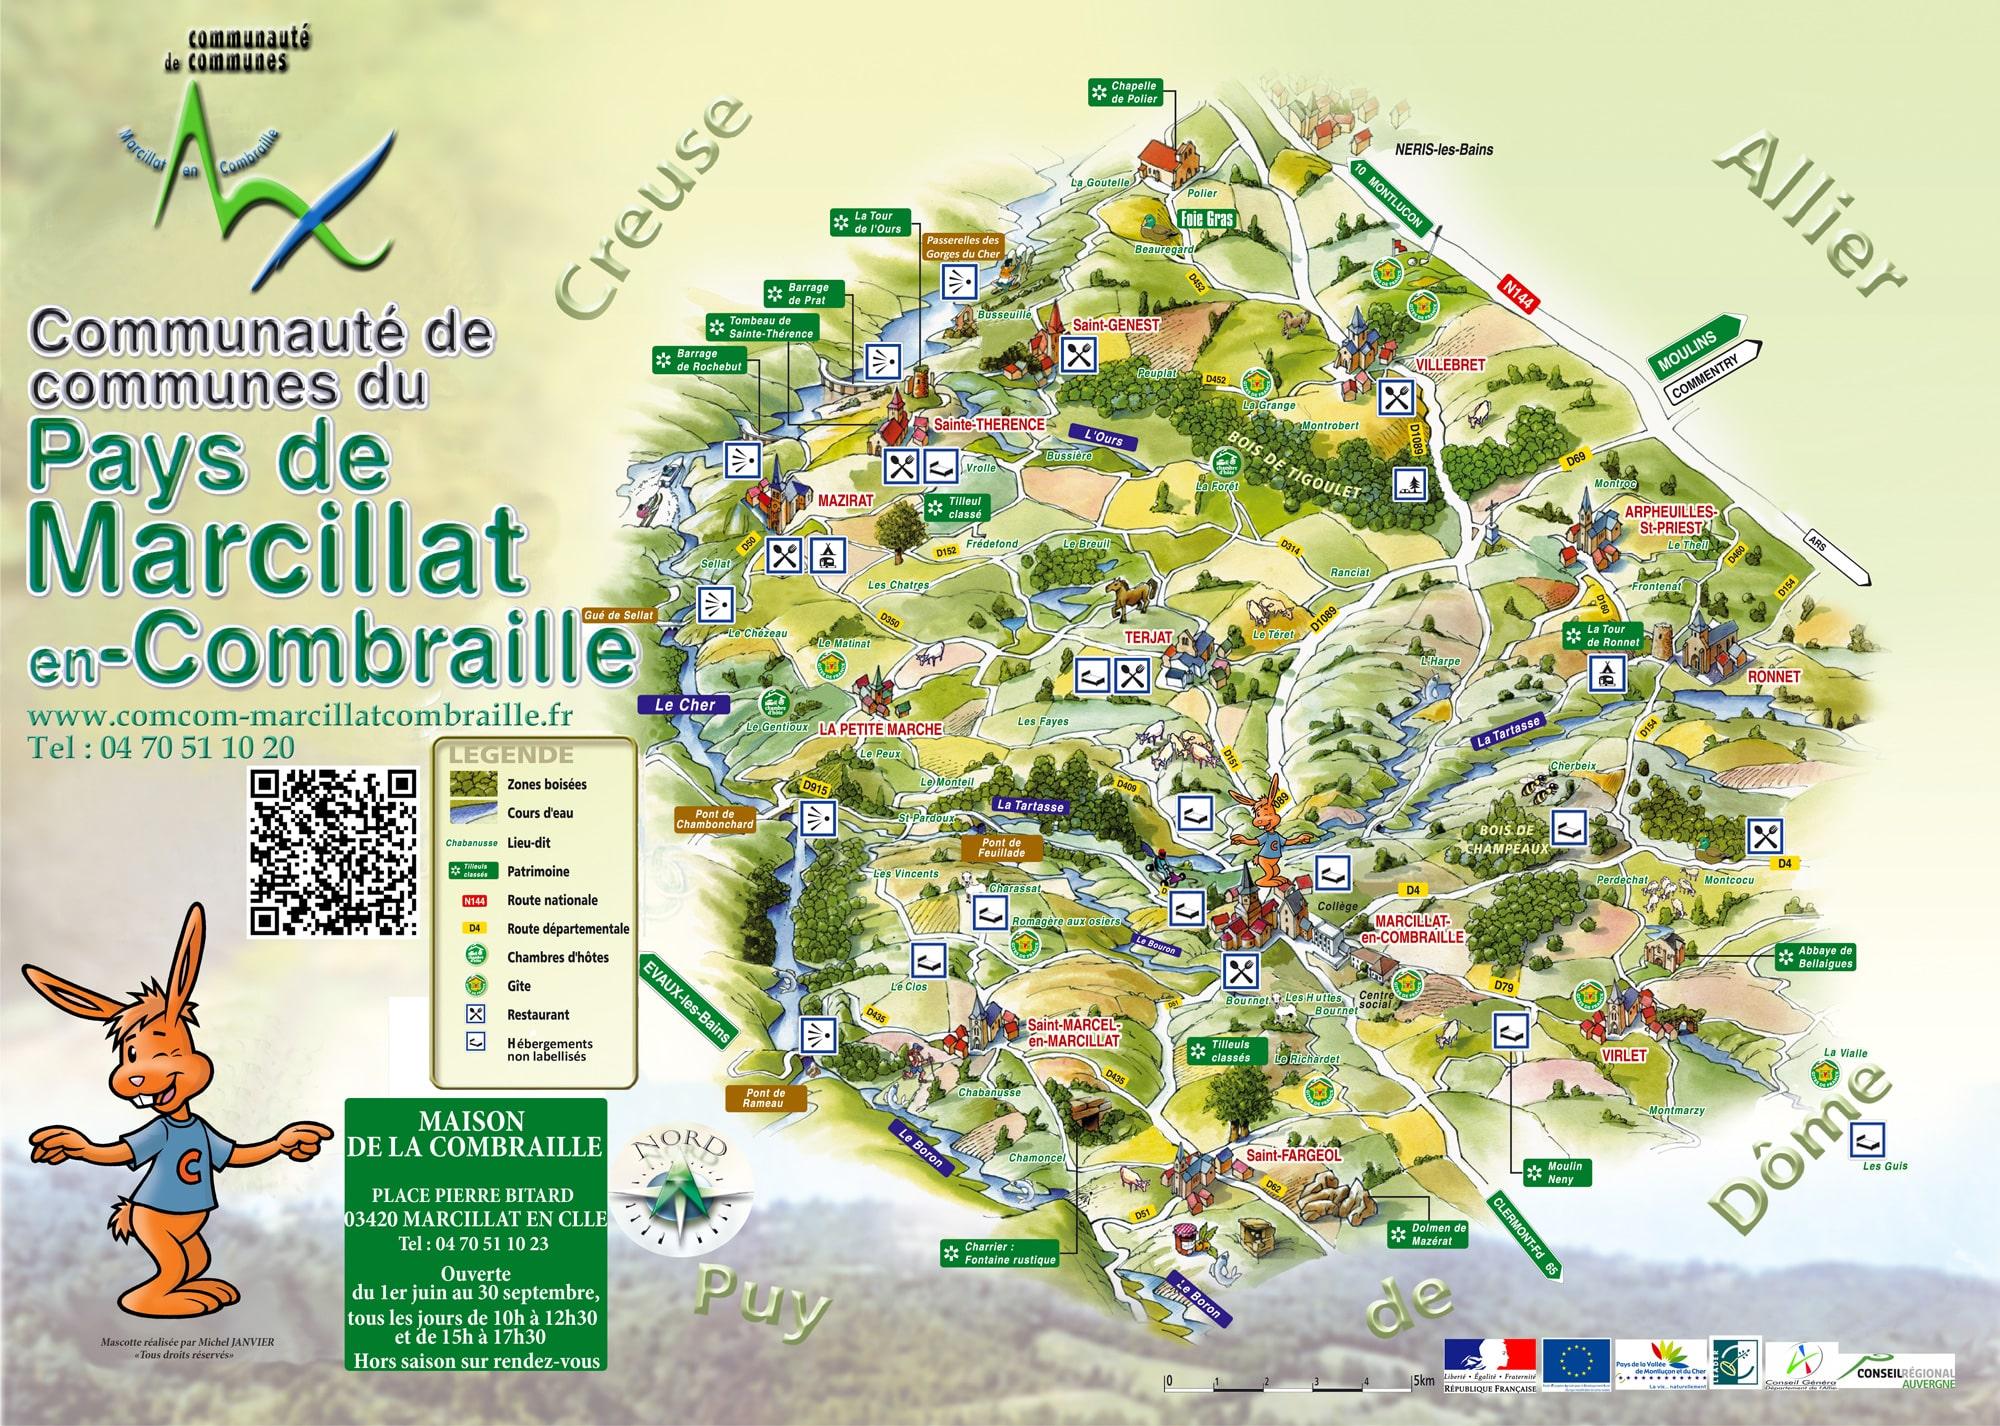 Carte communauté de communes